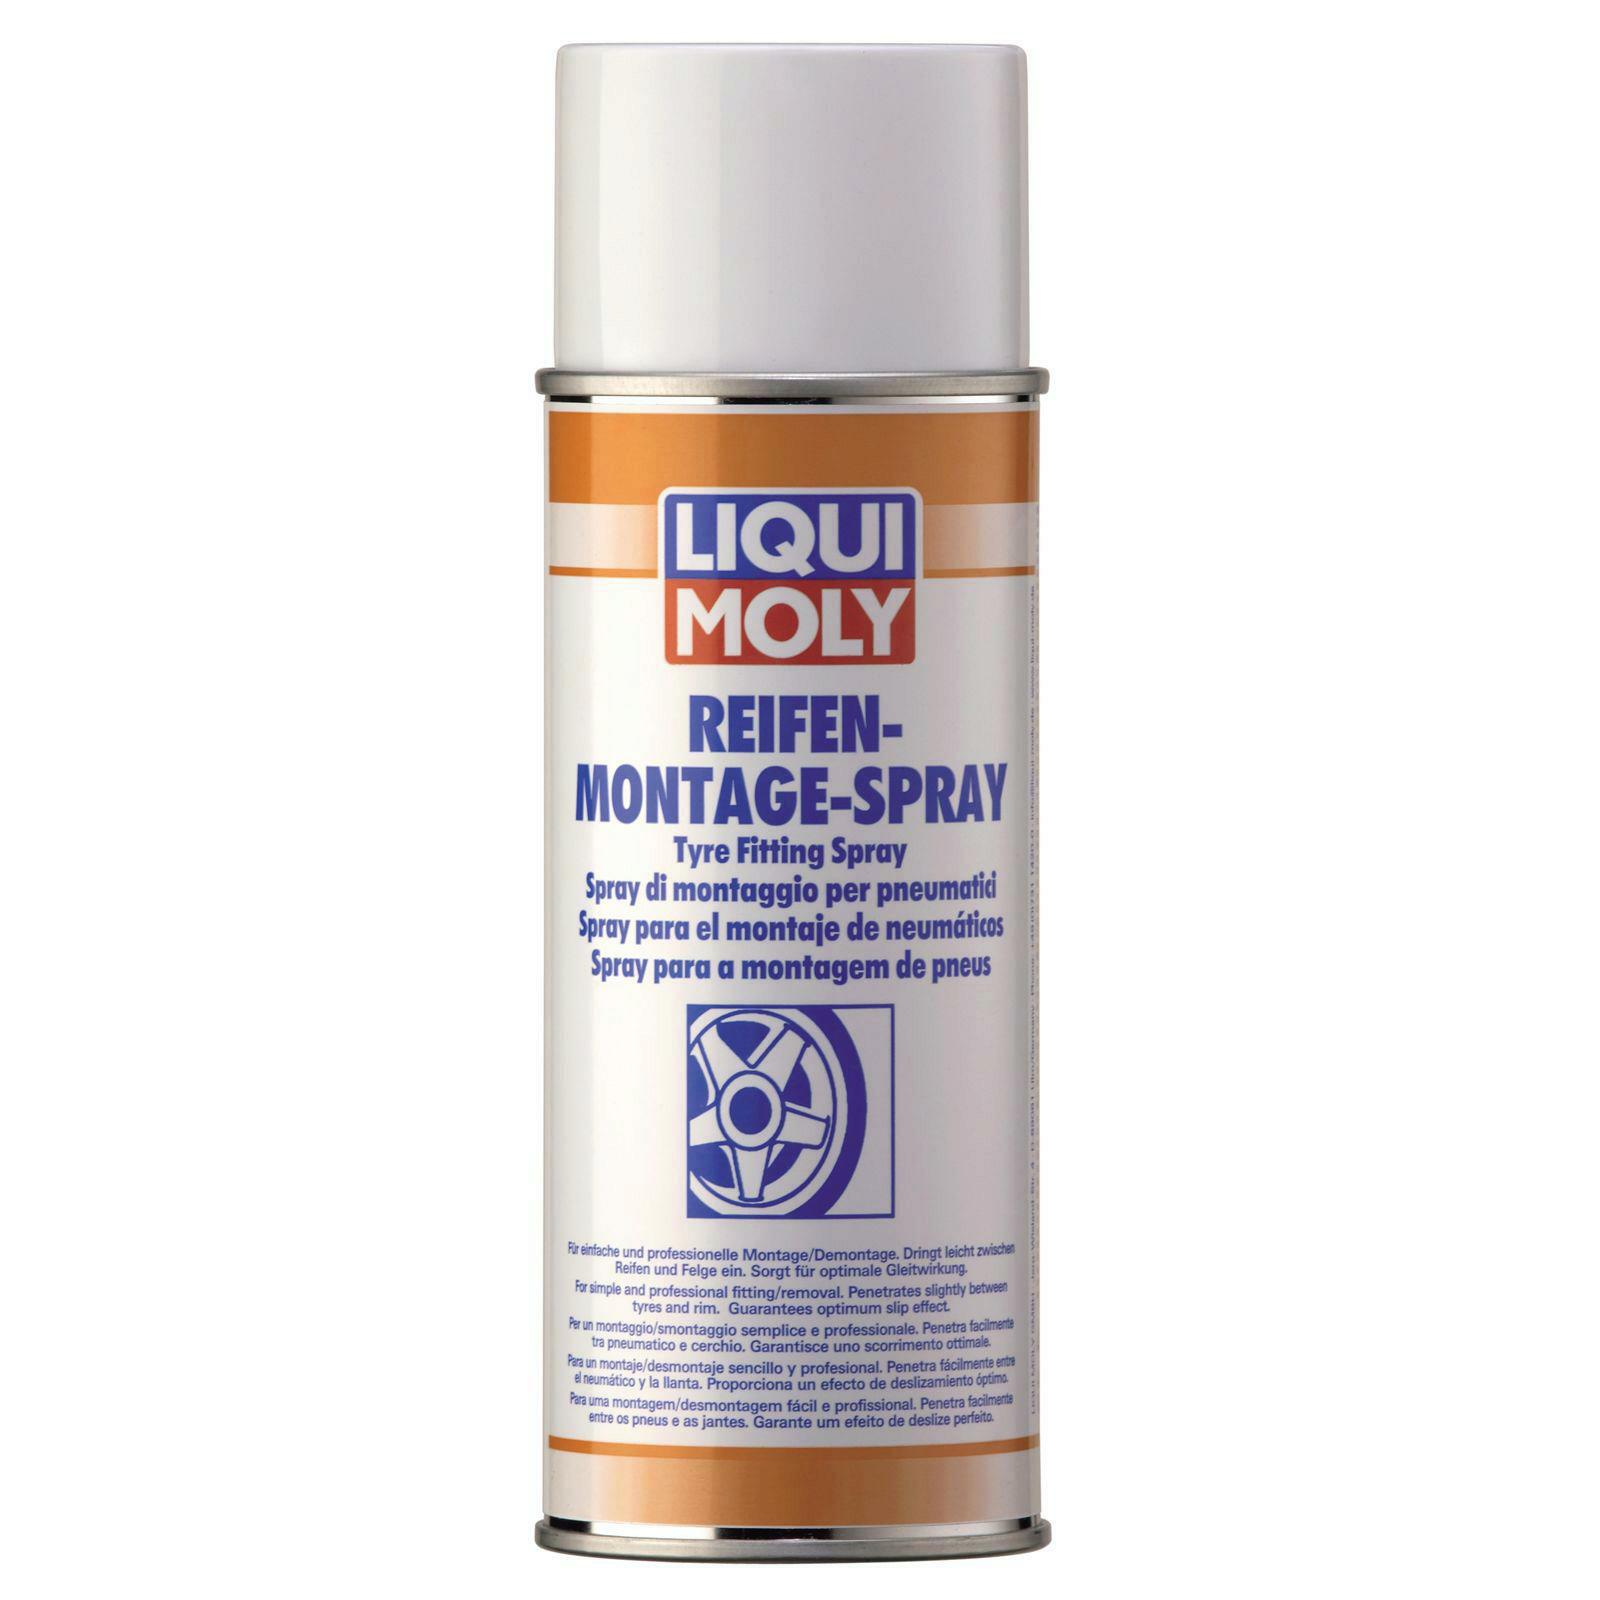 Liqui Moly Reifen-Montage-Spray 400ml